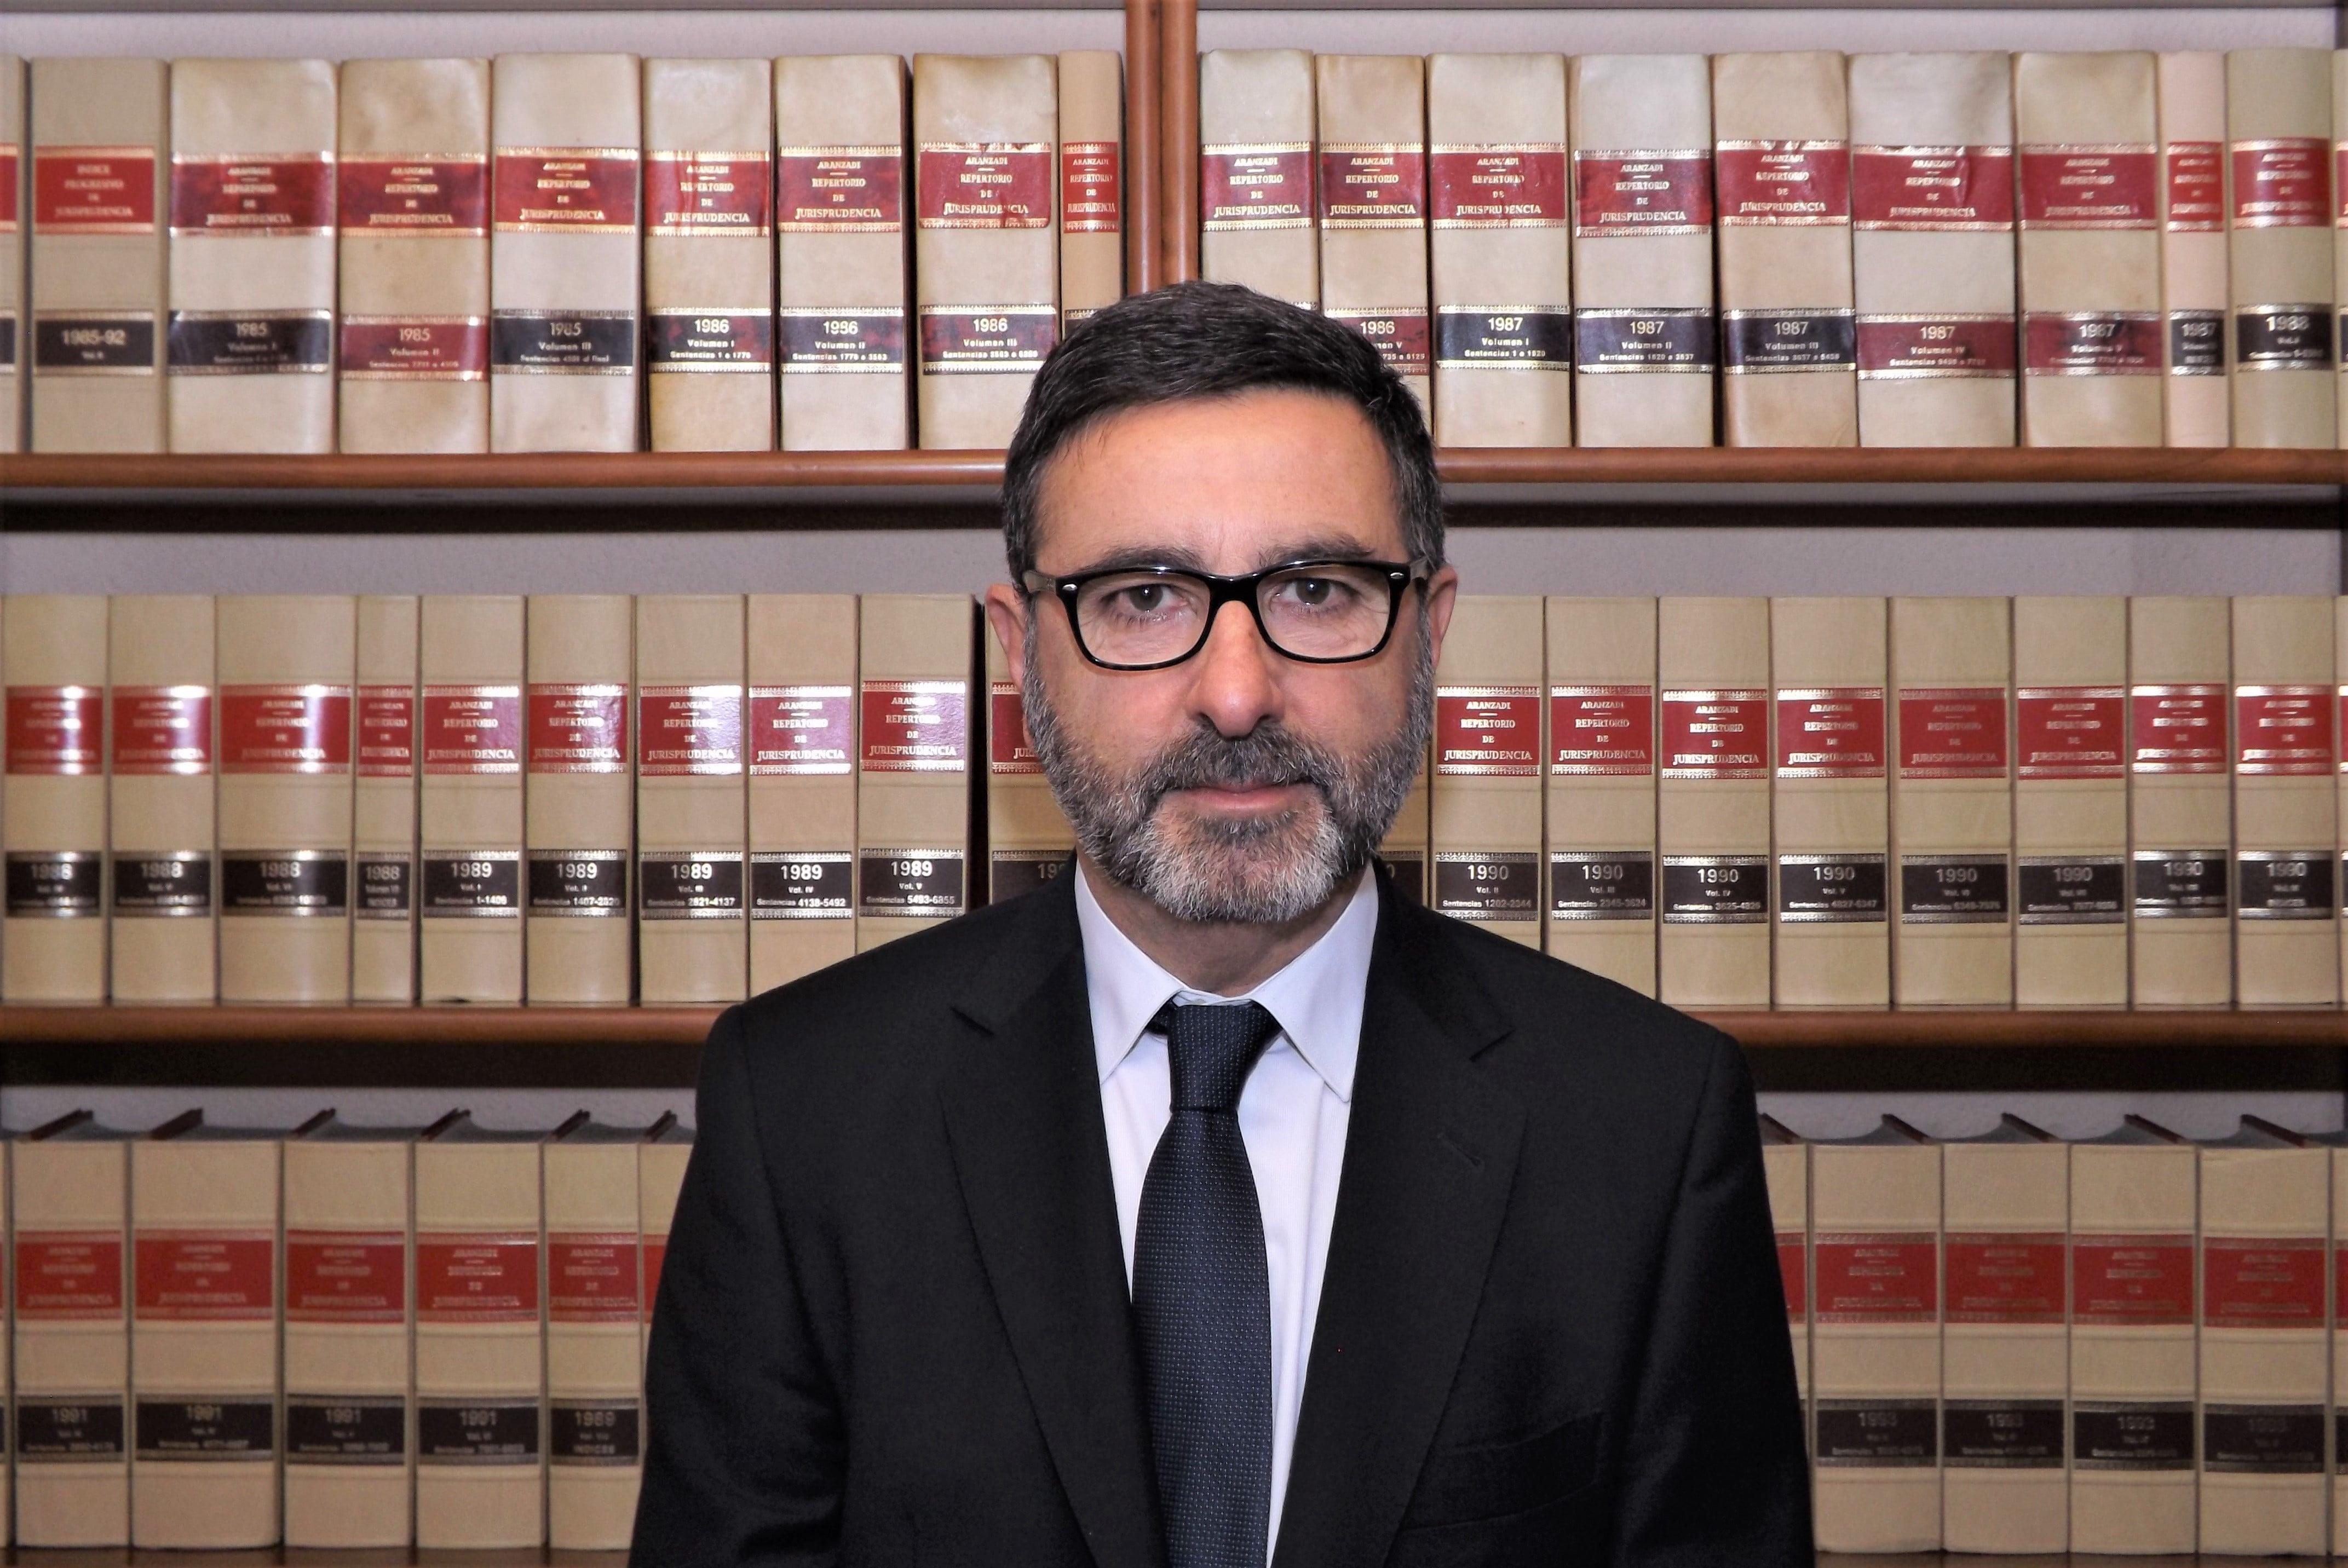 El abogado penalista para defender tus derechos cuando más lo necesitas - José Herrero Muñoz, abogado penalista en Castellón.